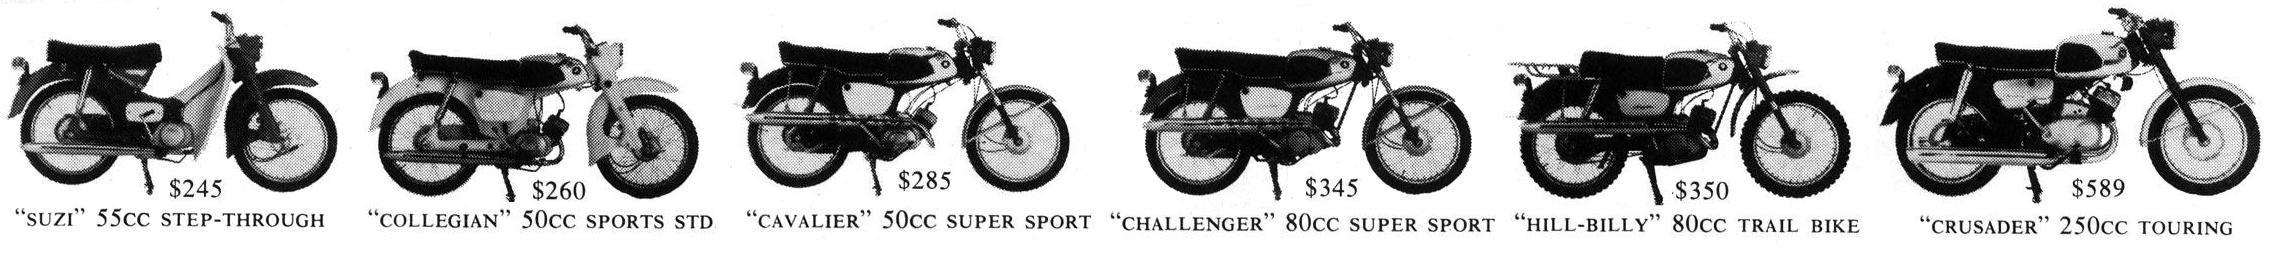 Suzuki 1965